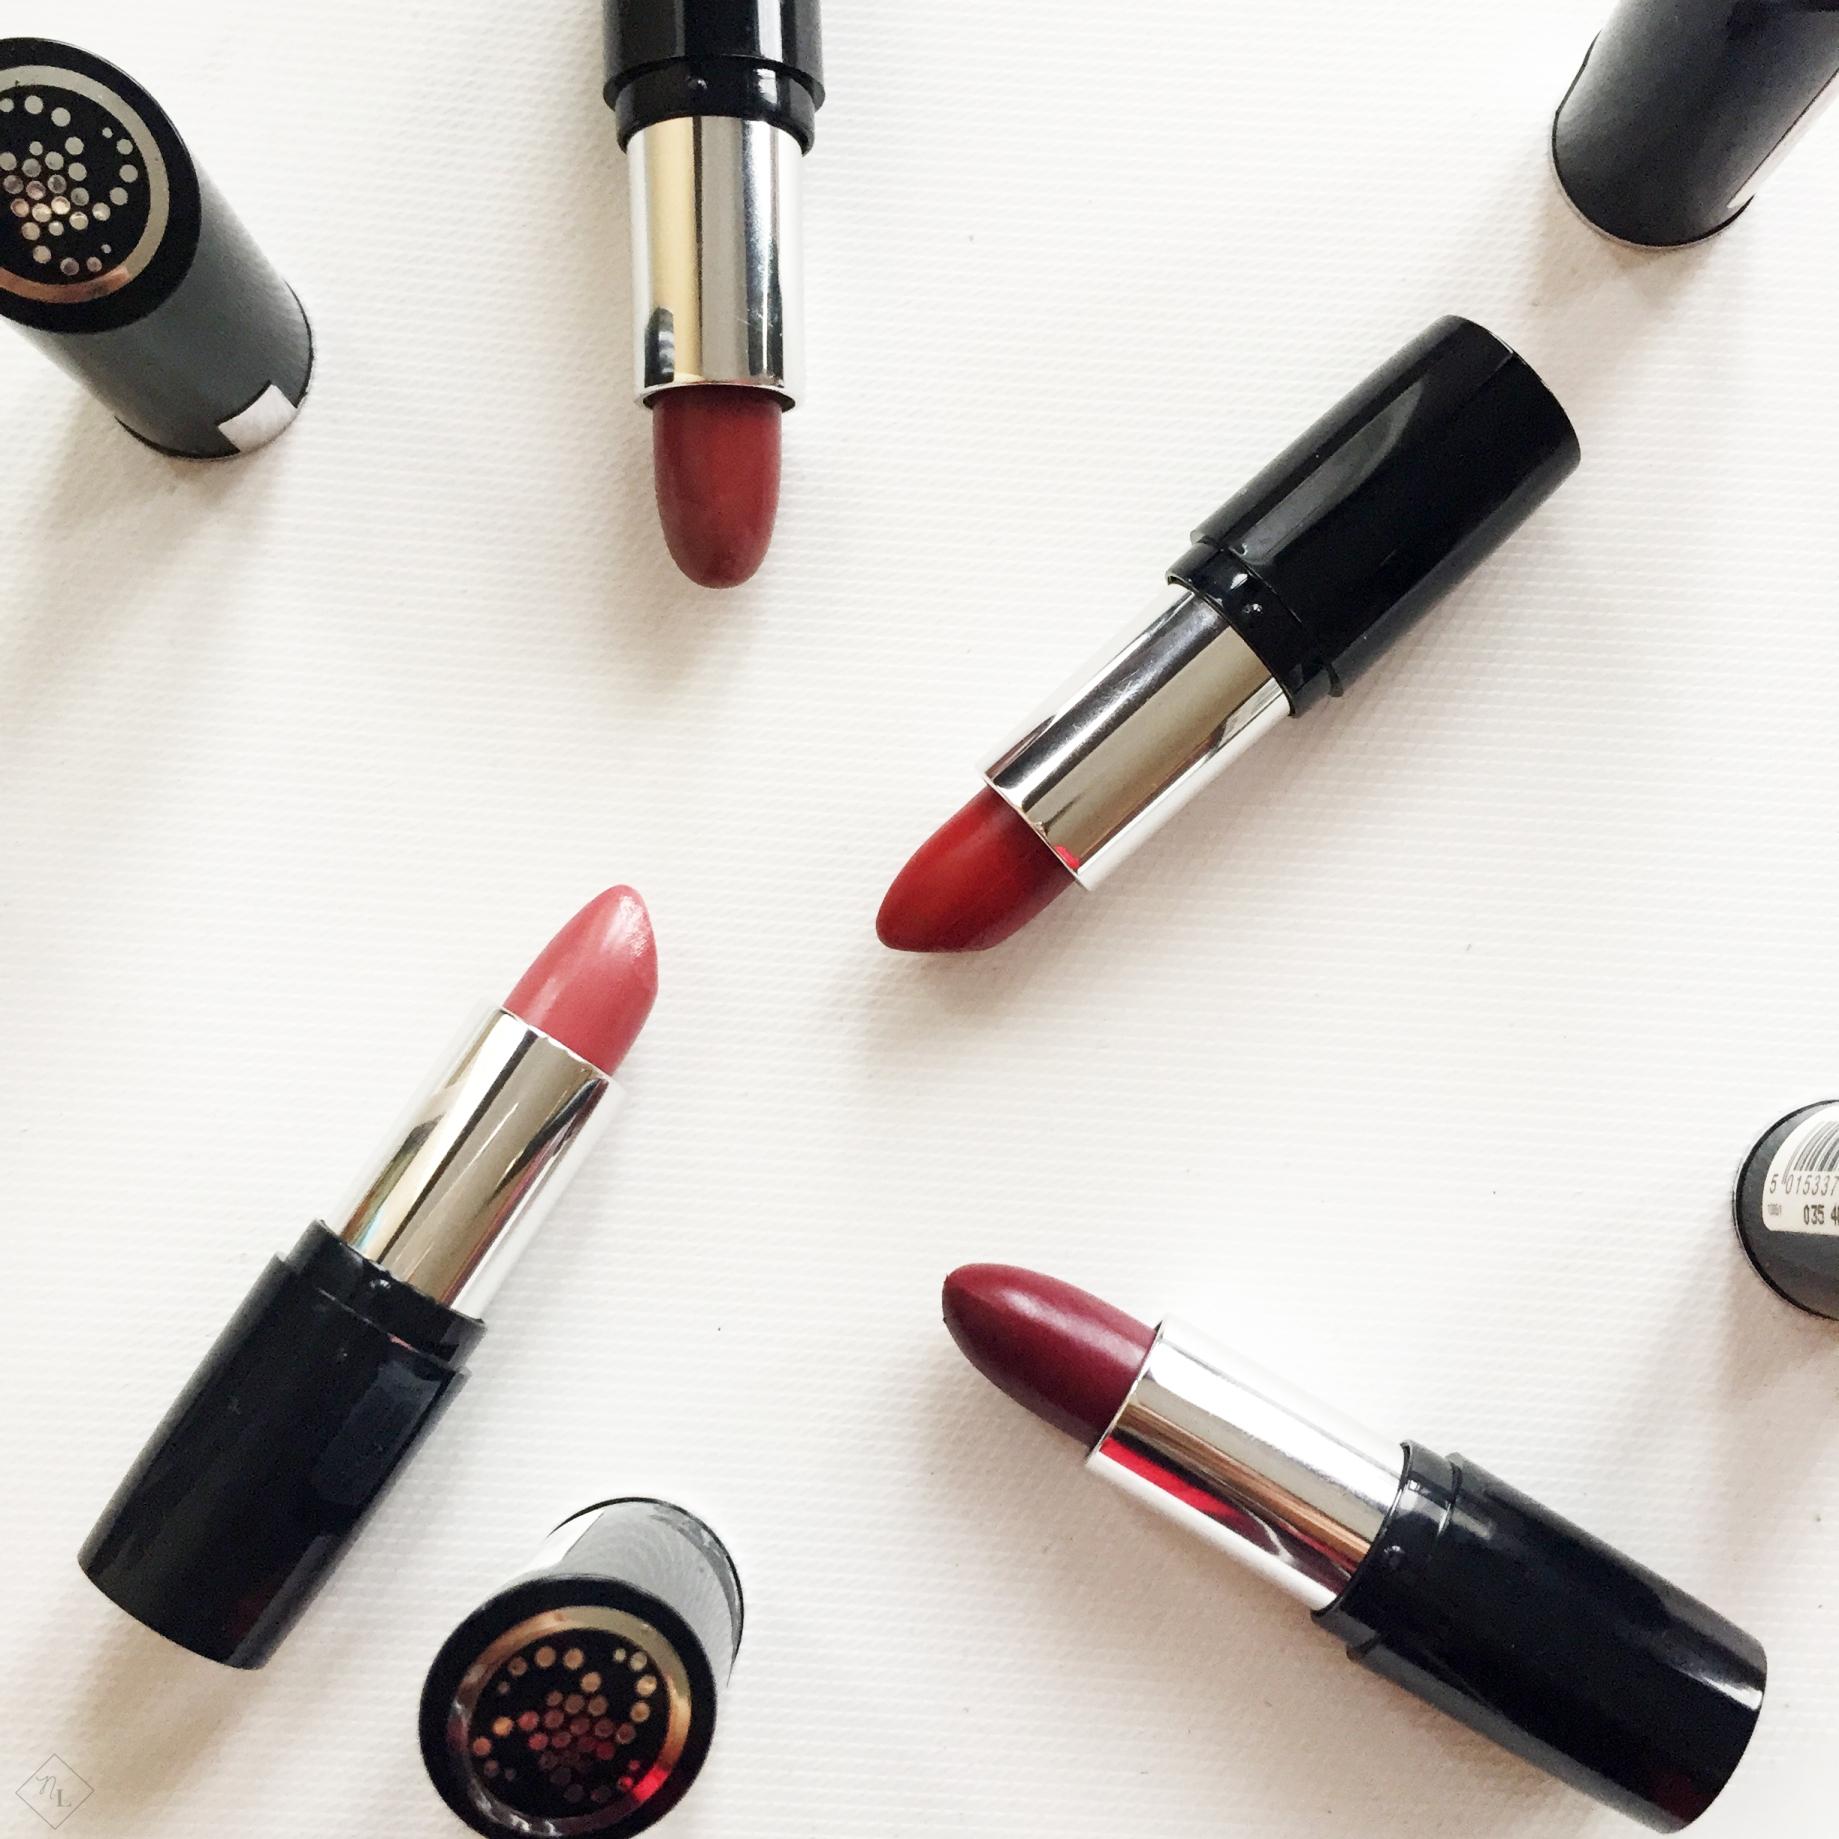 collective haul-debenhams-superdrug-makeup revolution-kiko milano-collection-lipsticks-newlune